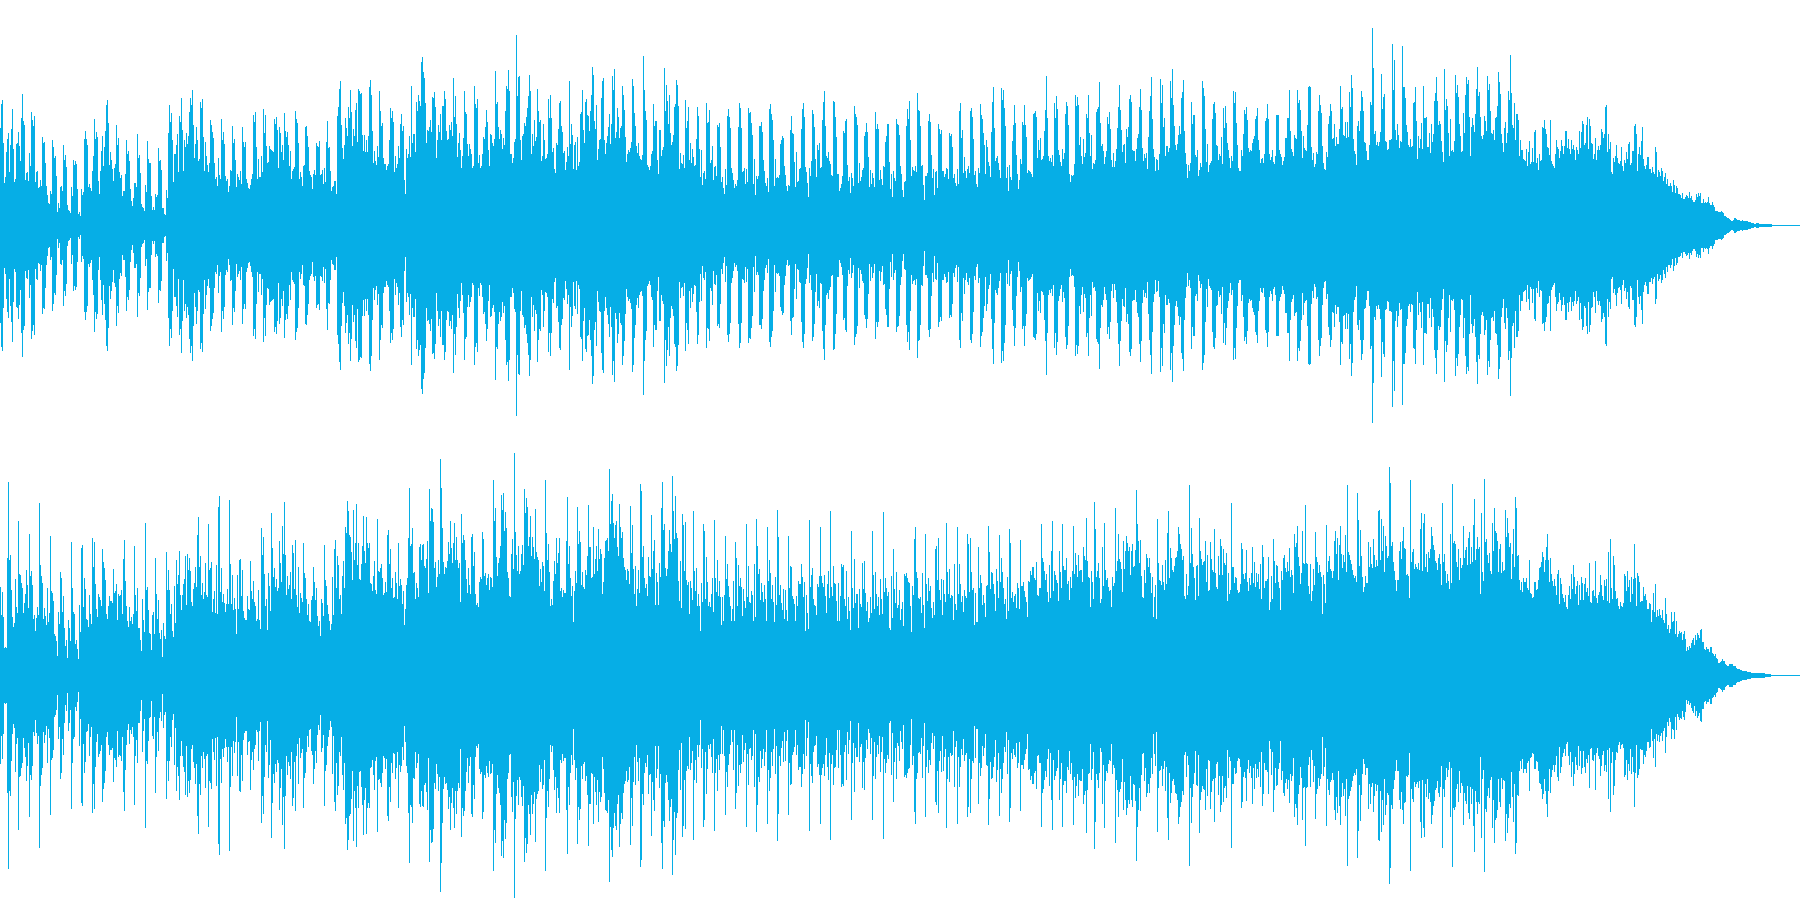 浮遊感のあるアンビエントなエレクトロの再生済みの波形